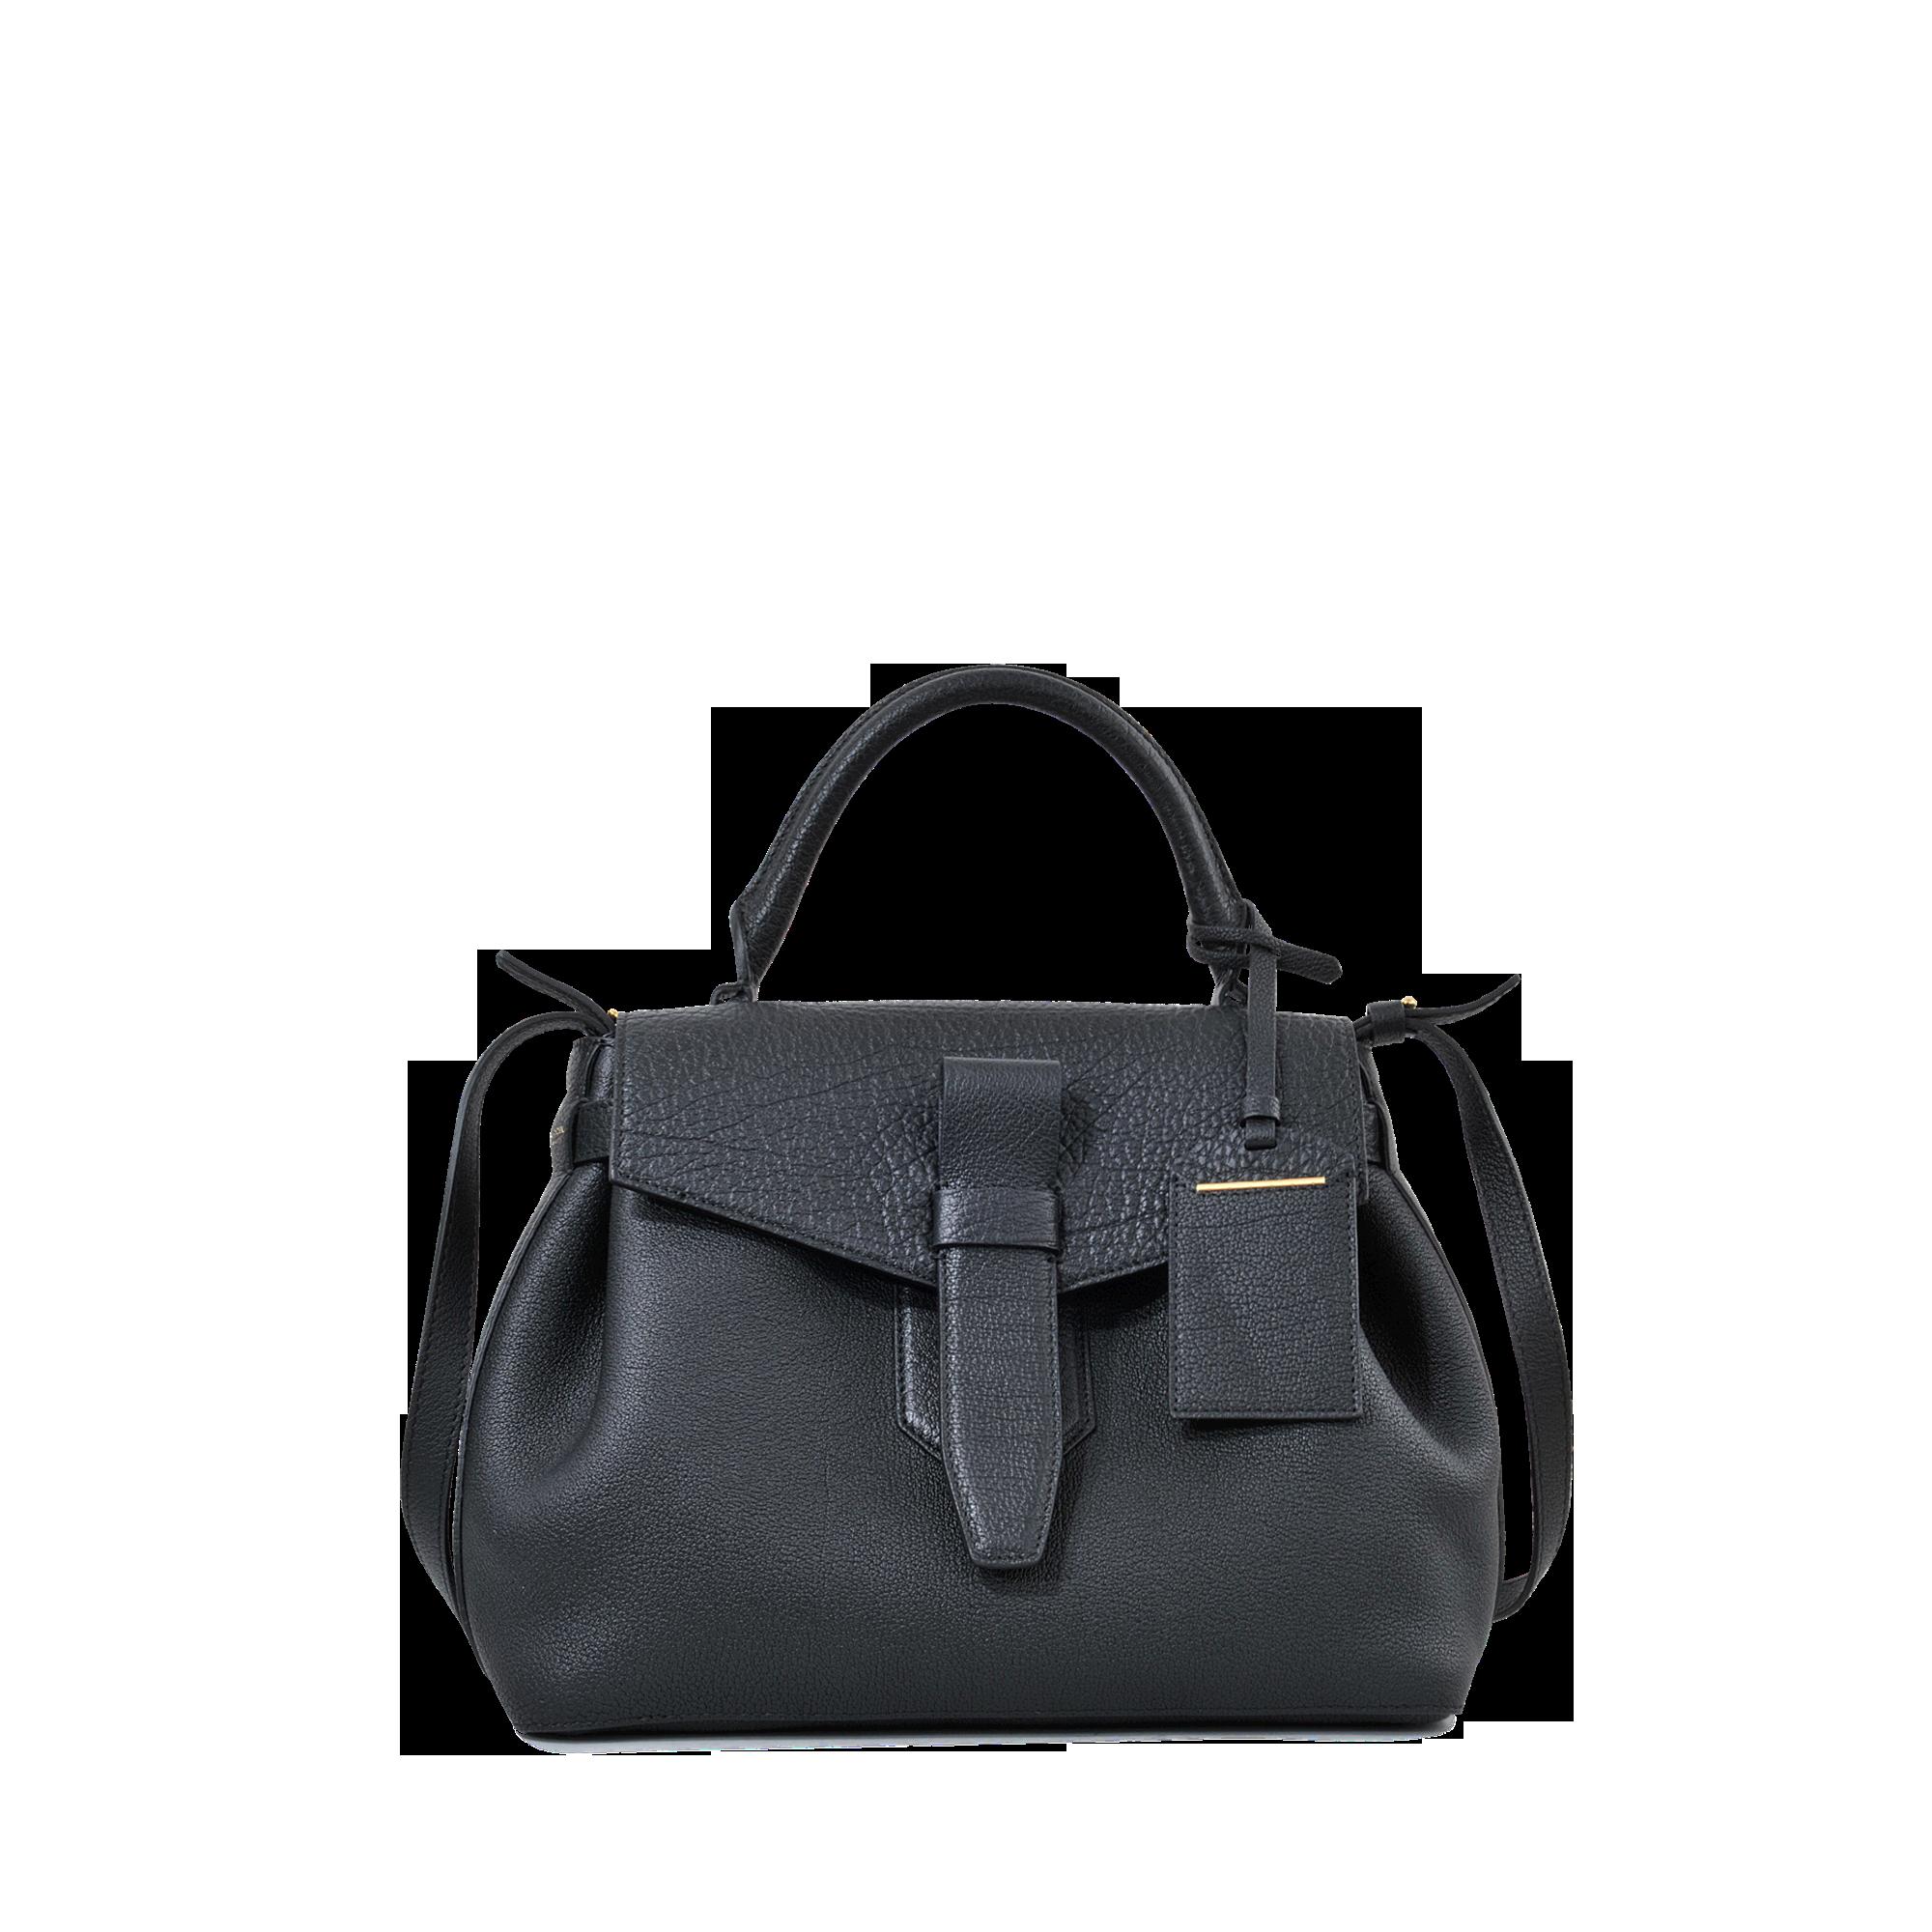 charlie handbag lancel red monnier fr res bags et. Black Bedroom Furniture Sets. Home Design Ideas